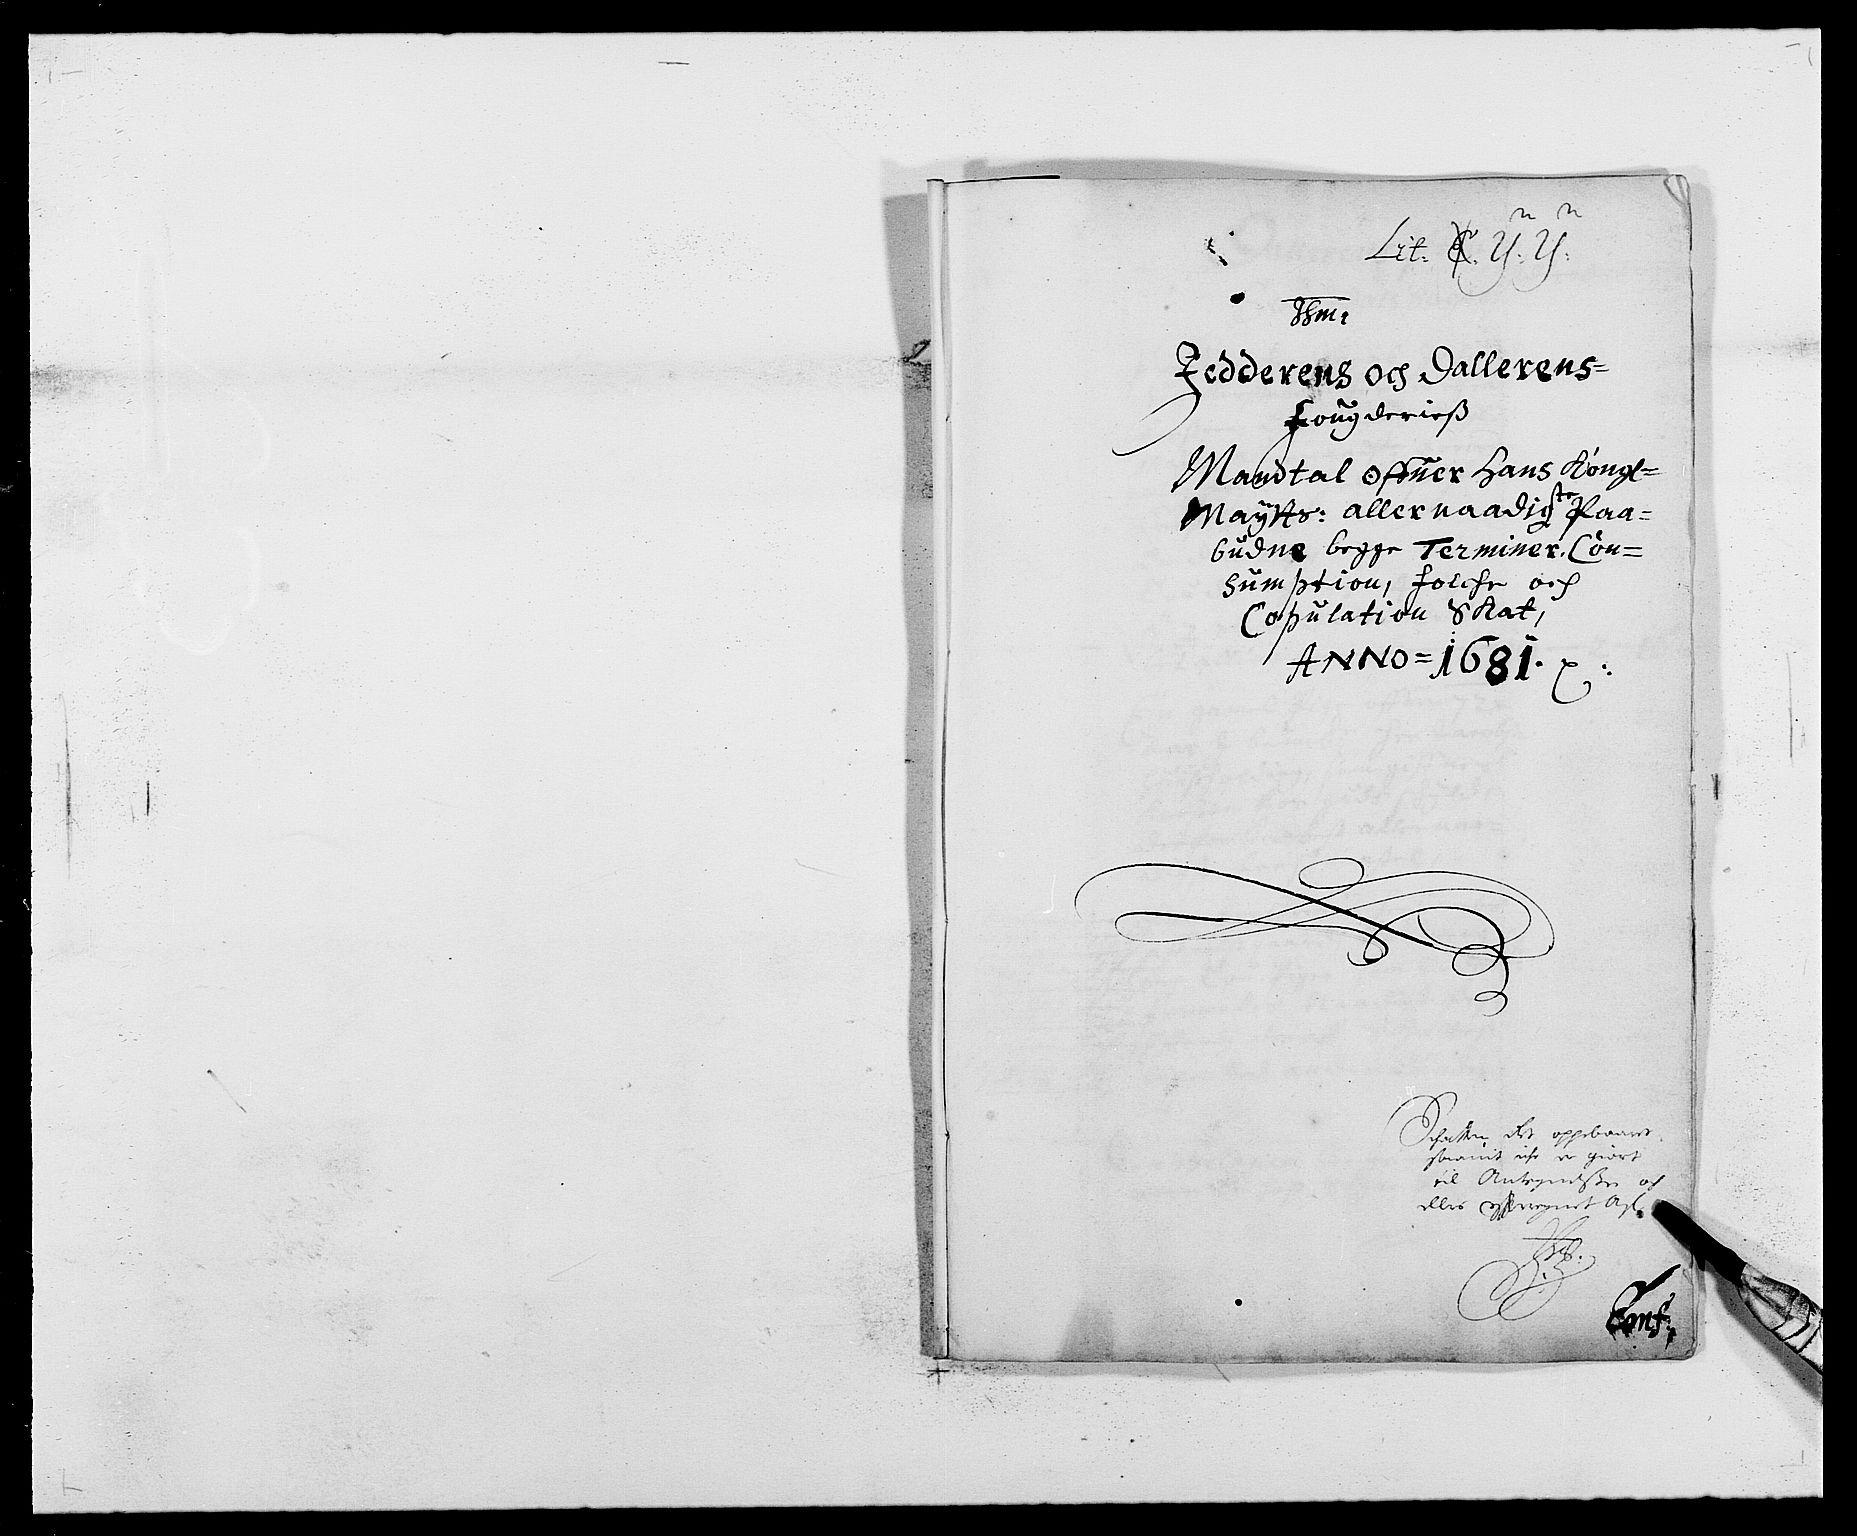 RA, Rentekammeret inntil 1814, Reviderte regnskaper, Fogderegnskap, R46/L2722: Fogderegnskap Jæren og Dalane, 1681, s. 152